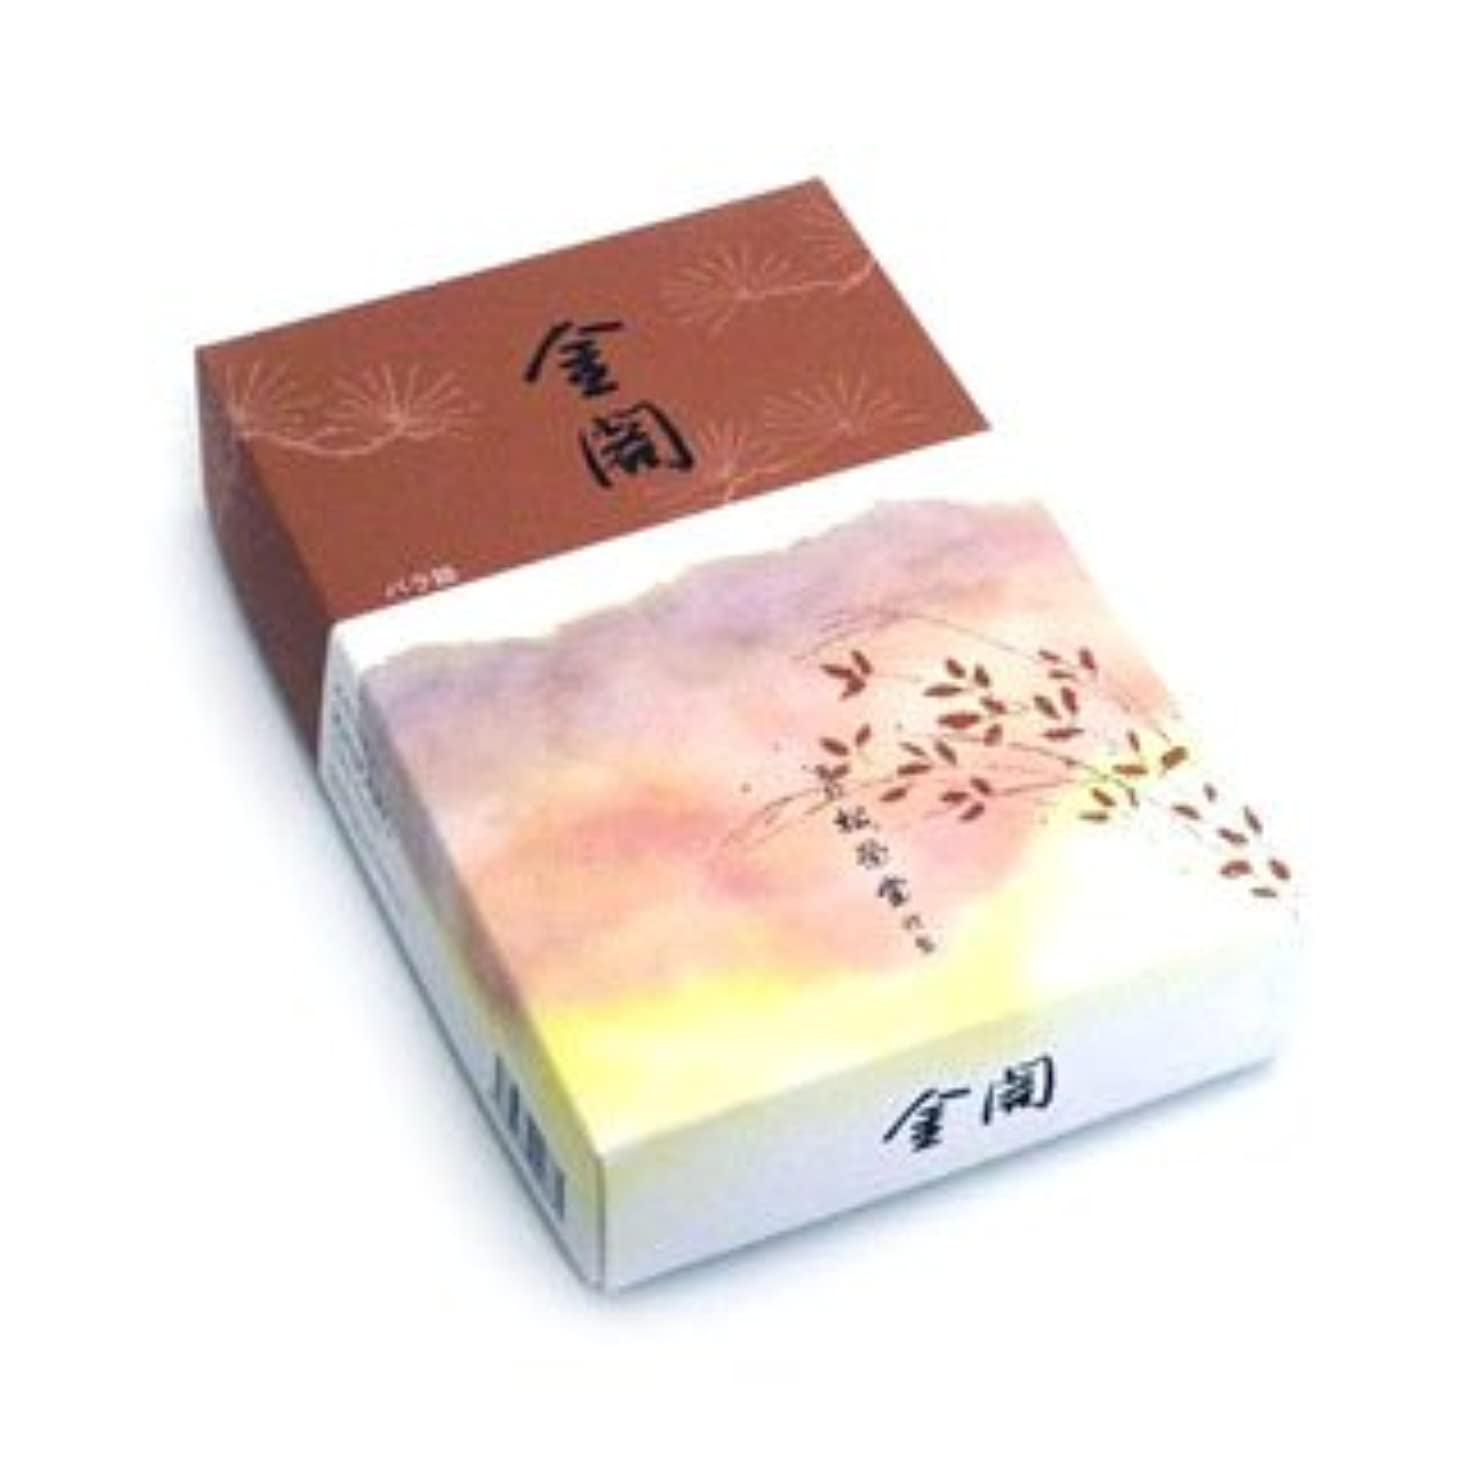 がんばり続ける。本能Shoyeido's Golden Pavilion Incense 450 Sticks - Kin-kaku, New.